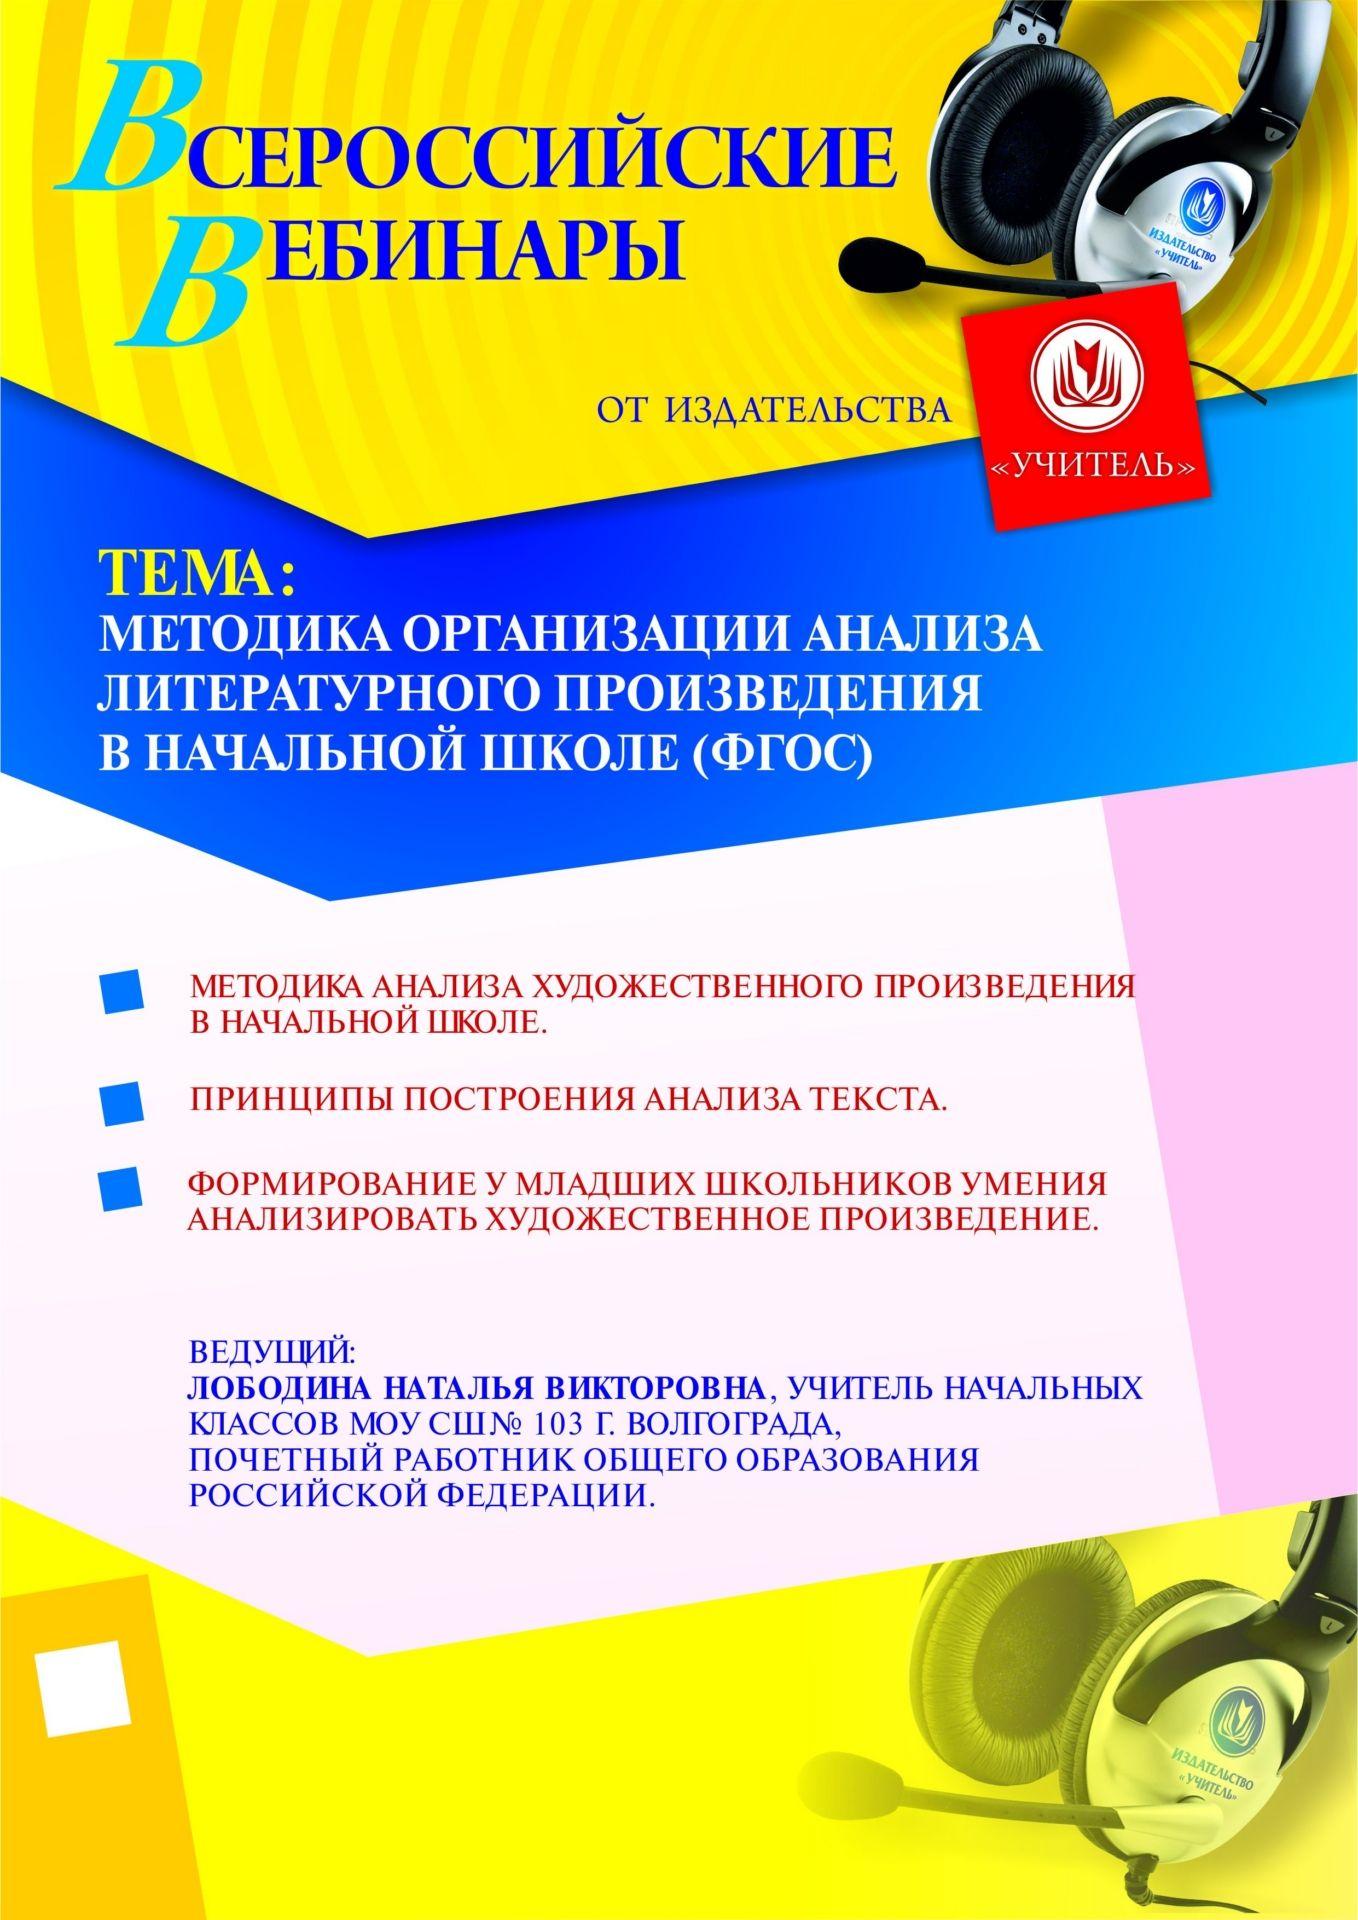 Методика организации анализа литературного произведения в начальной школе (ФГОС) фото